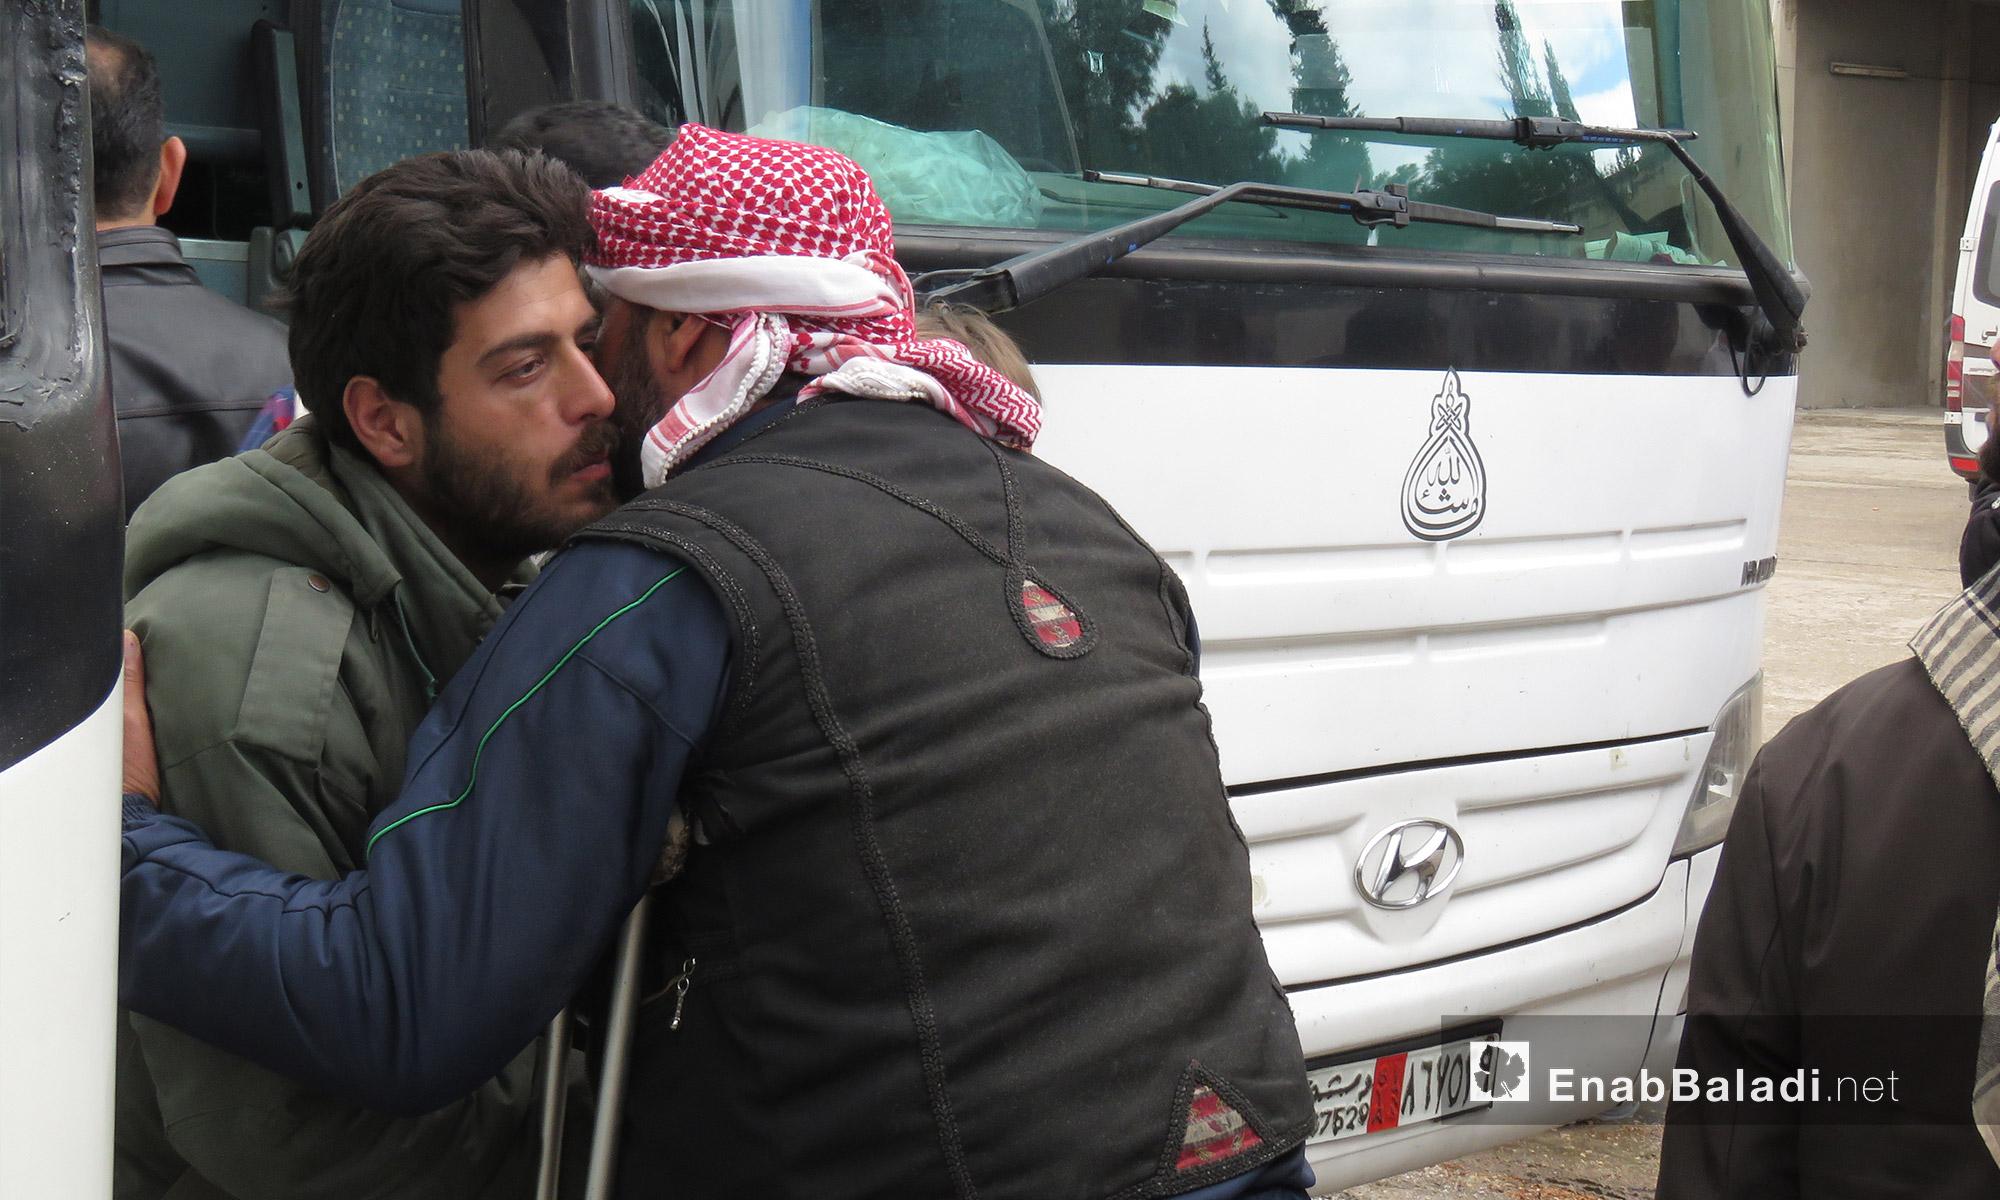 لقاء مهجر من عربين بأحد أهالي قلعة المضيق في ريف حماة الغربي - 25 آذار 2018 (عنب بلدي)